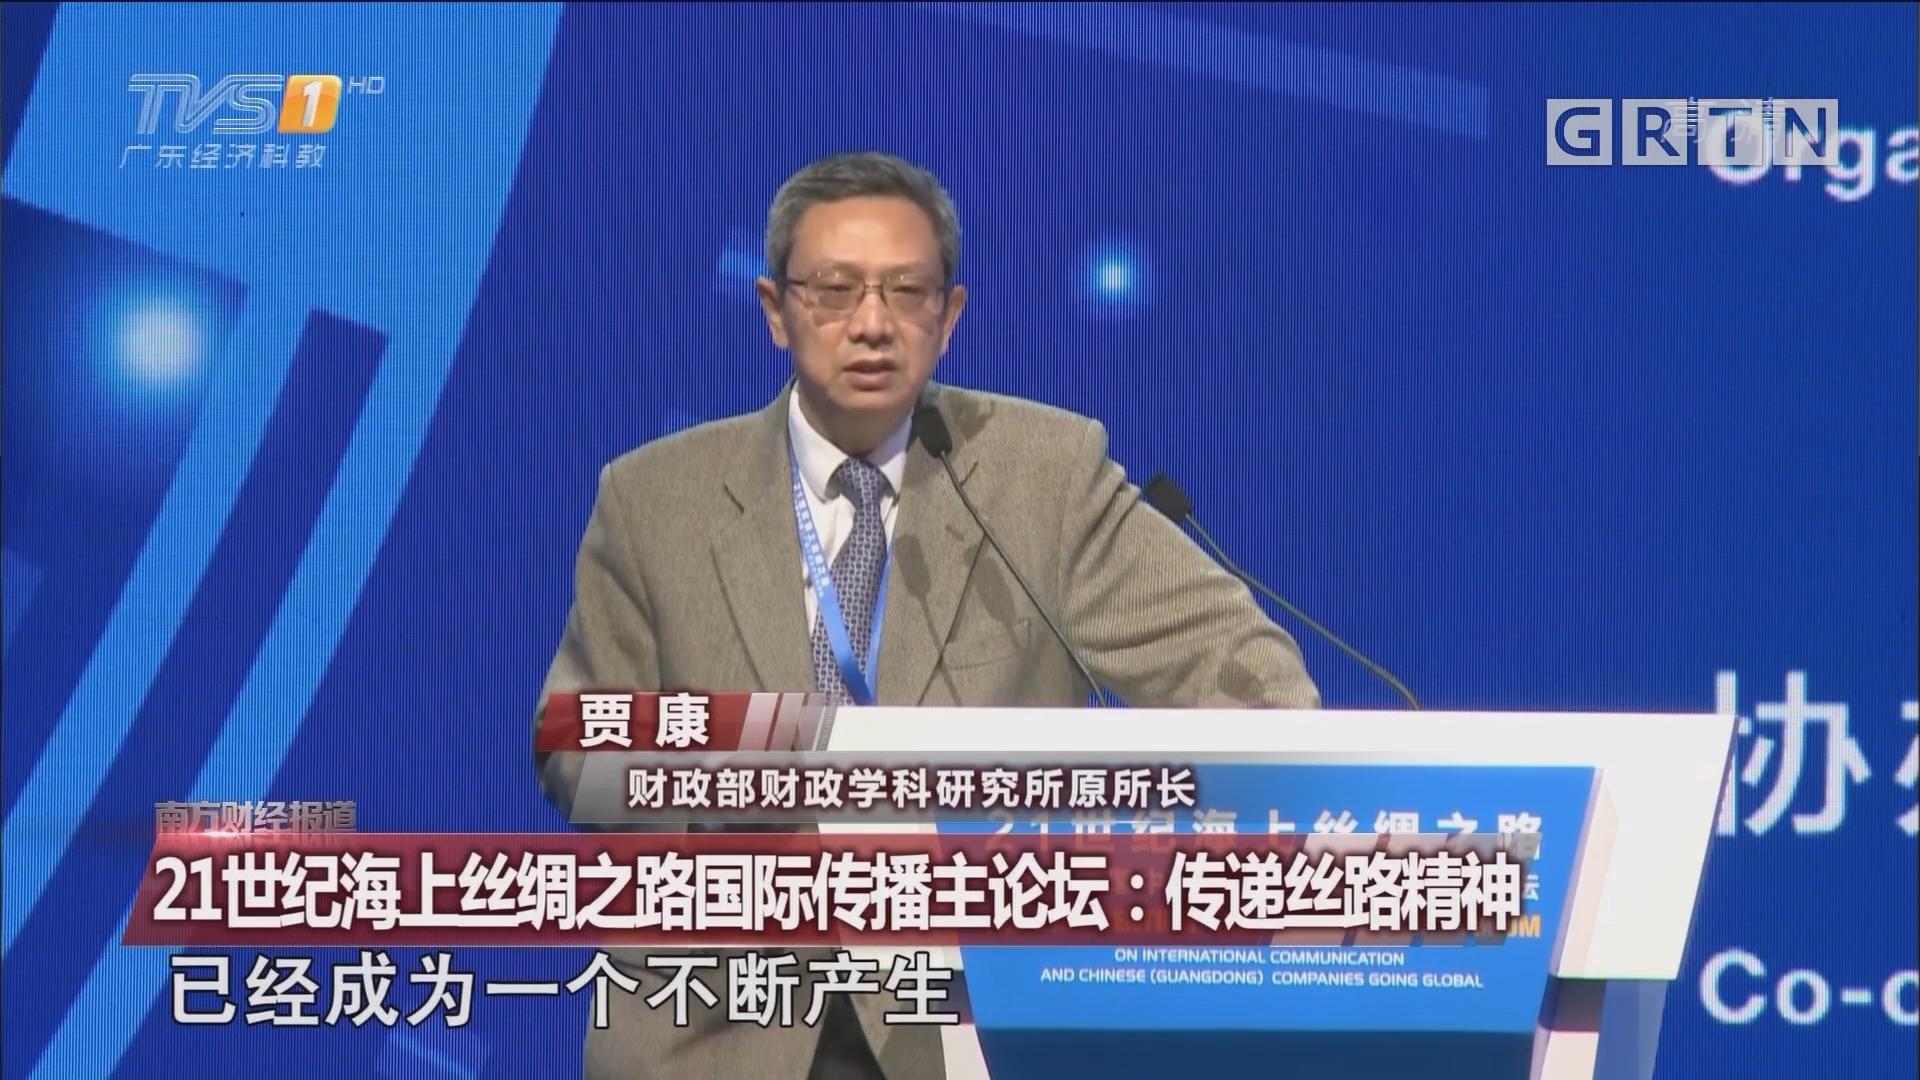 21世纪海上丝绸之路国际传播主论坛:传递丝路精神